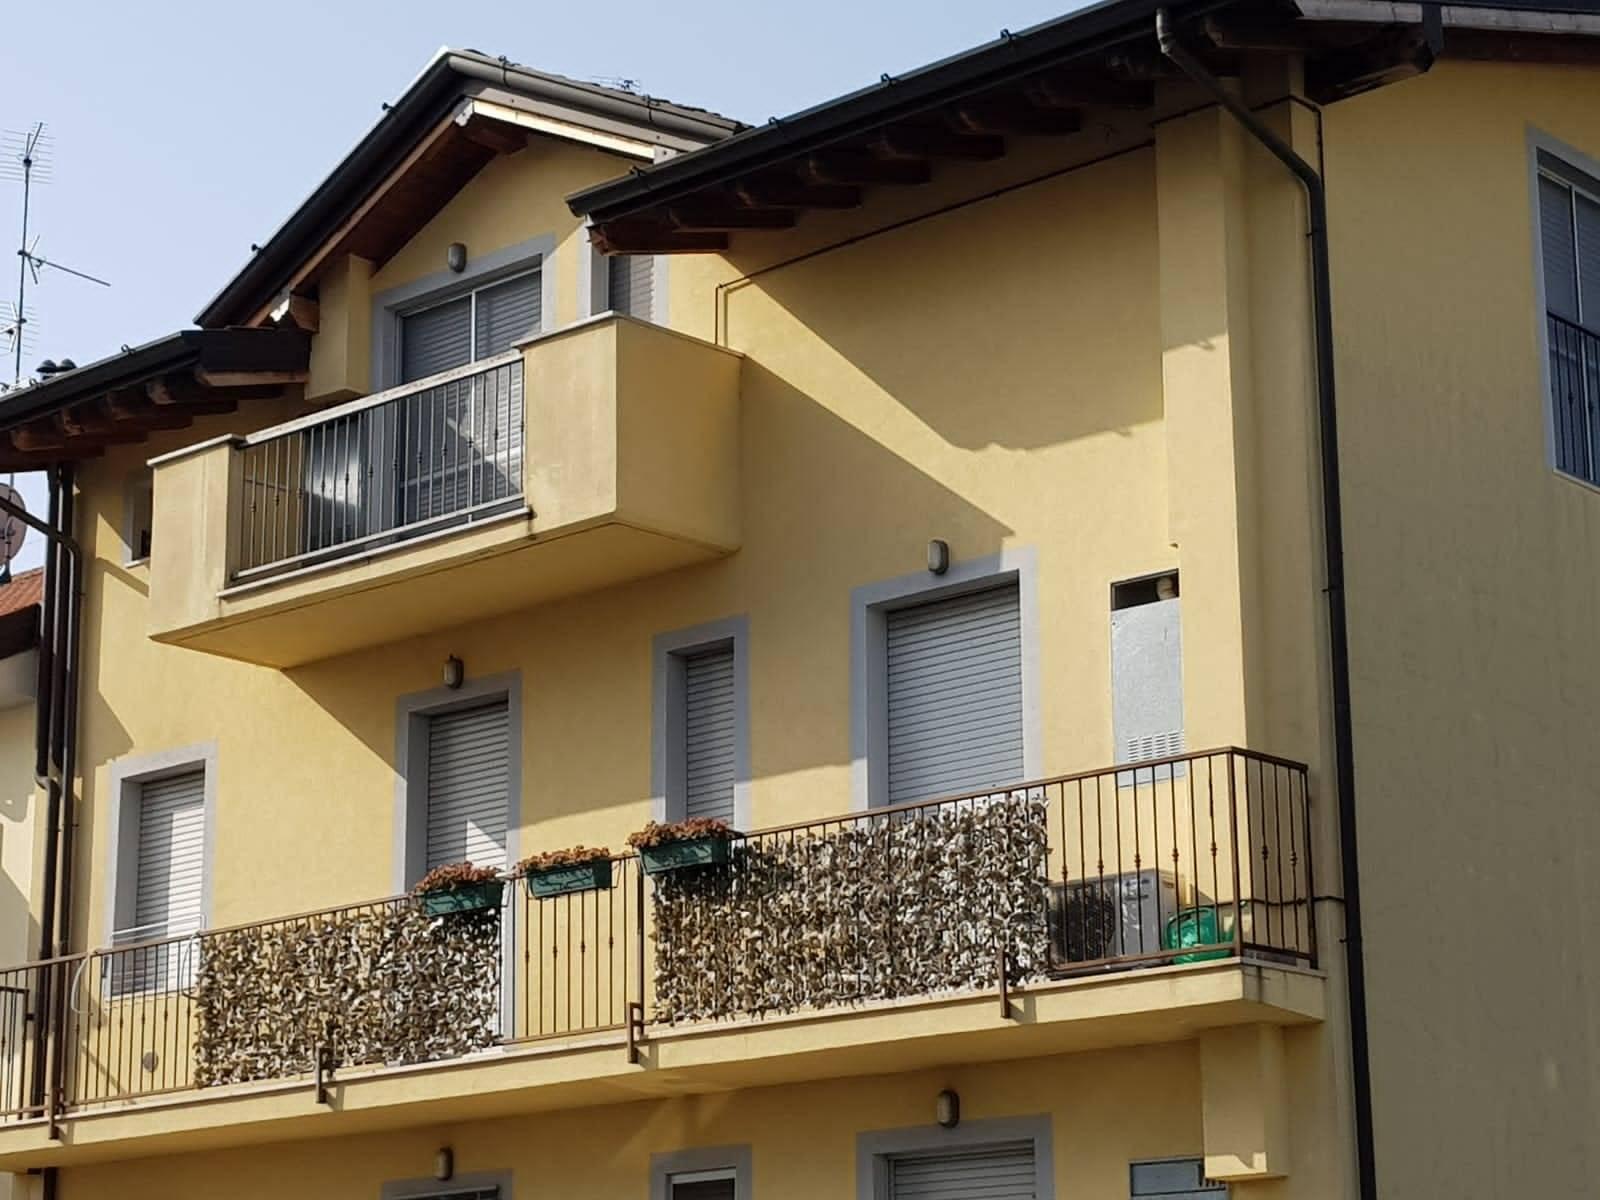 PIOLTELLO - In mini palazzina di 2 piani, zona tranquilla e verde di Seggiano, servita da mezzi pubblici, e vicino al Santuario, proponiamo in